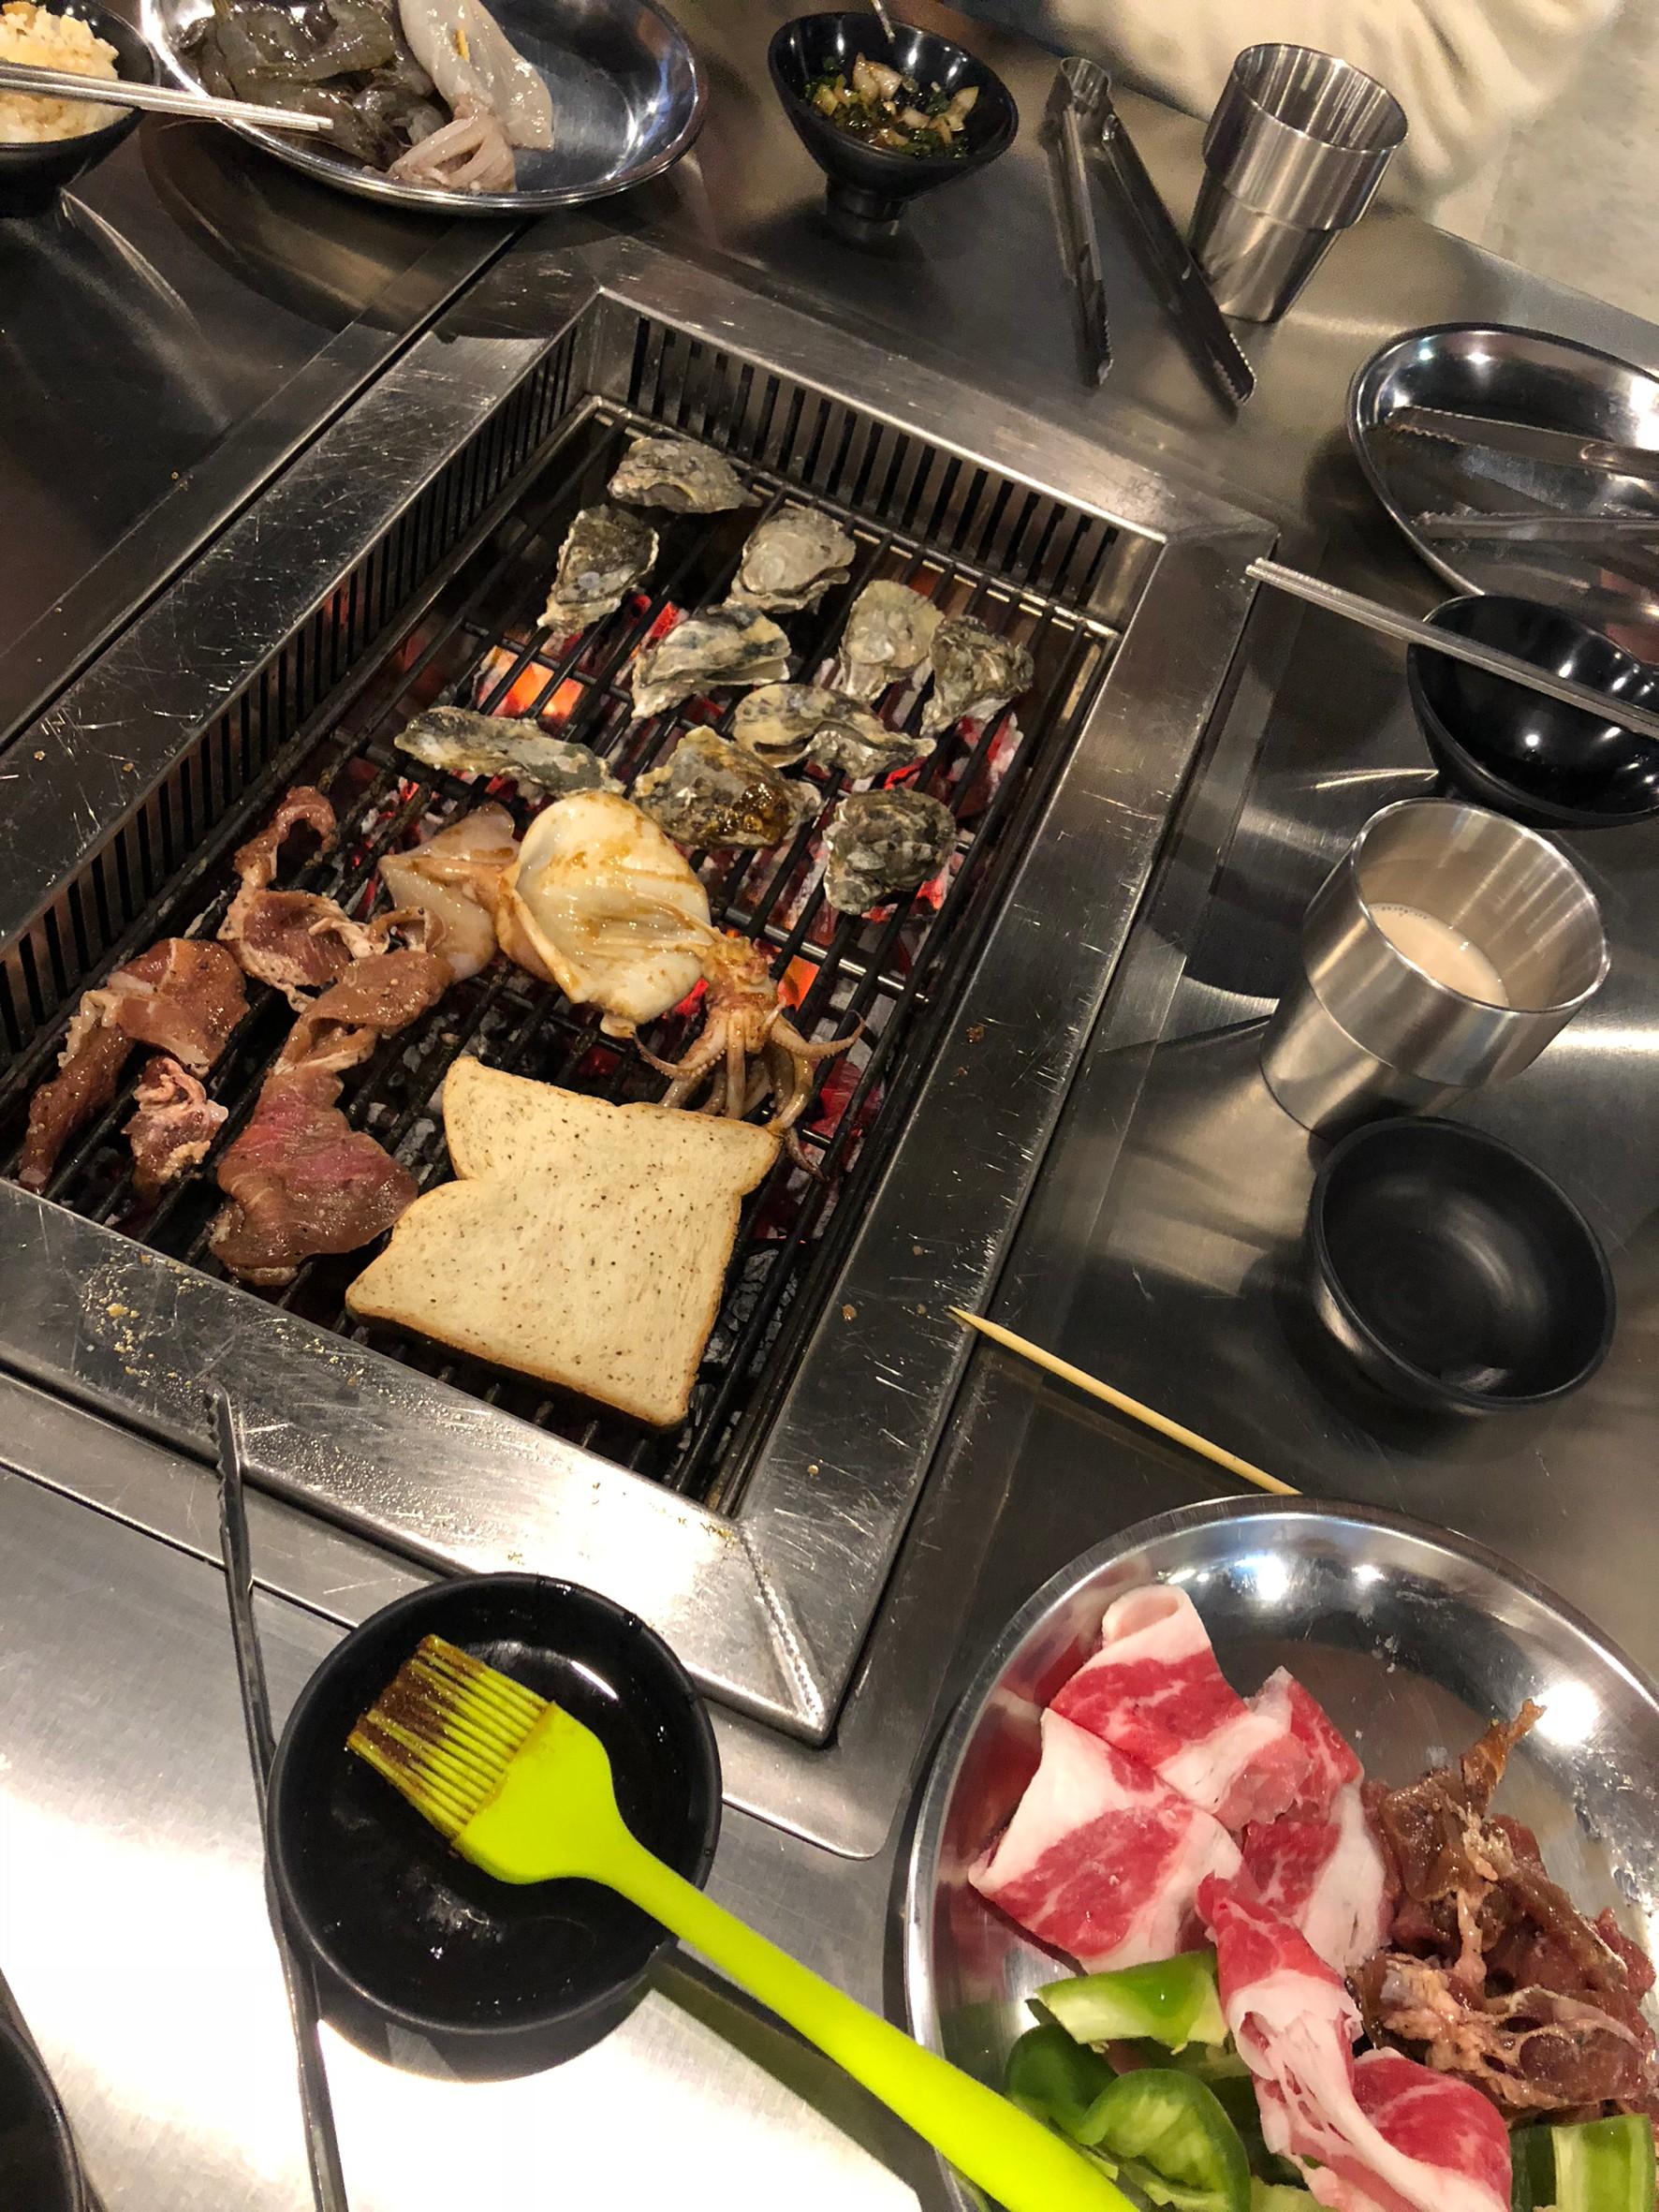 ▲小琉球到處都是吃到飽的燒肉海鮮店。